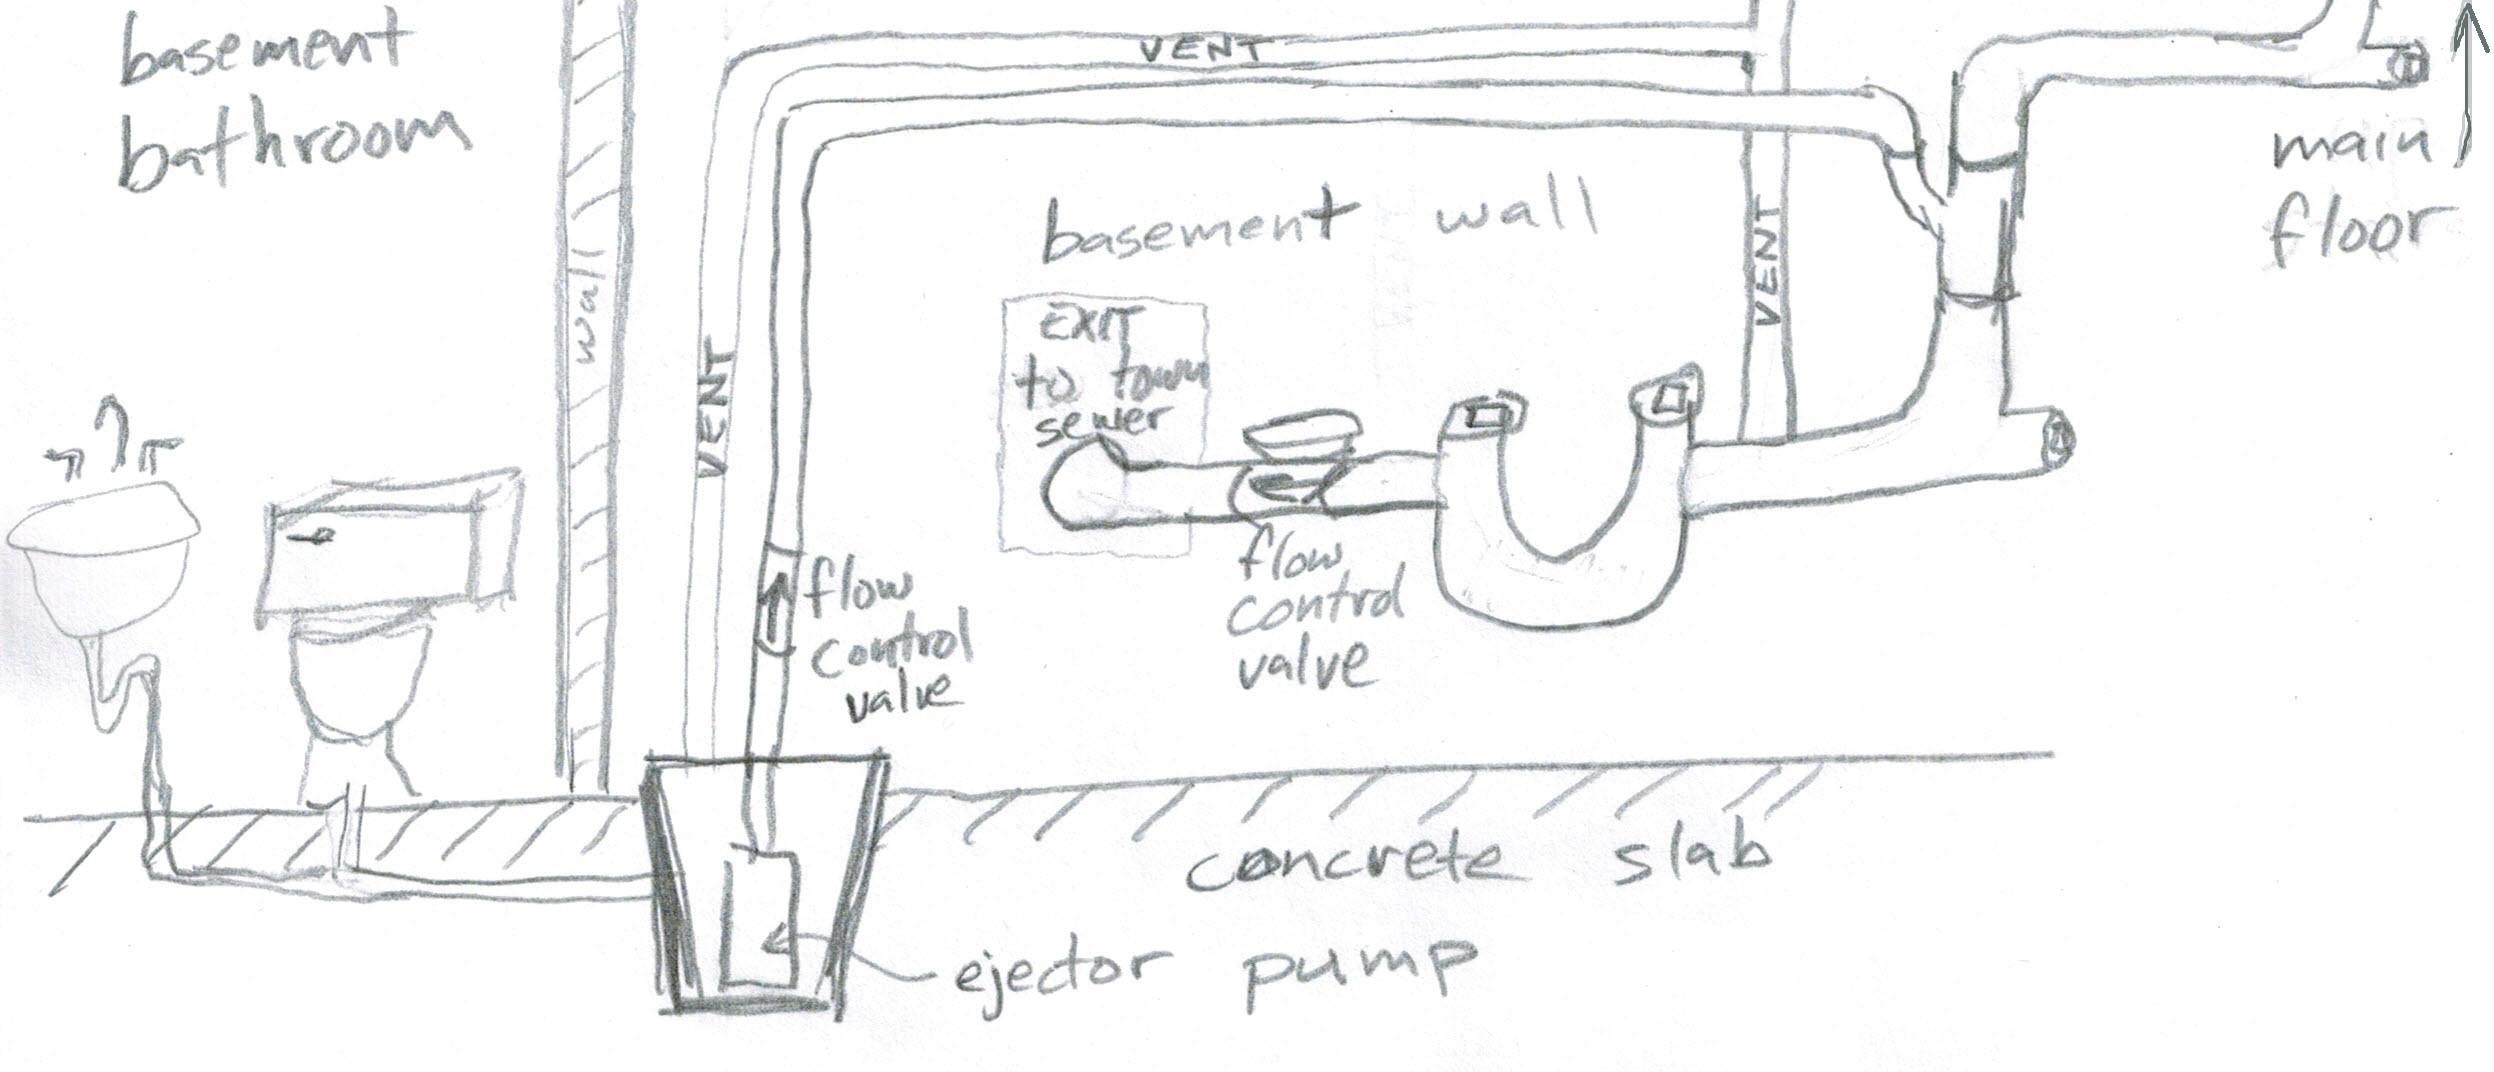 Basement Septic Pump Keeps Running